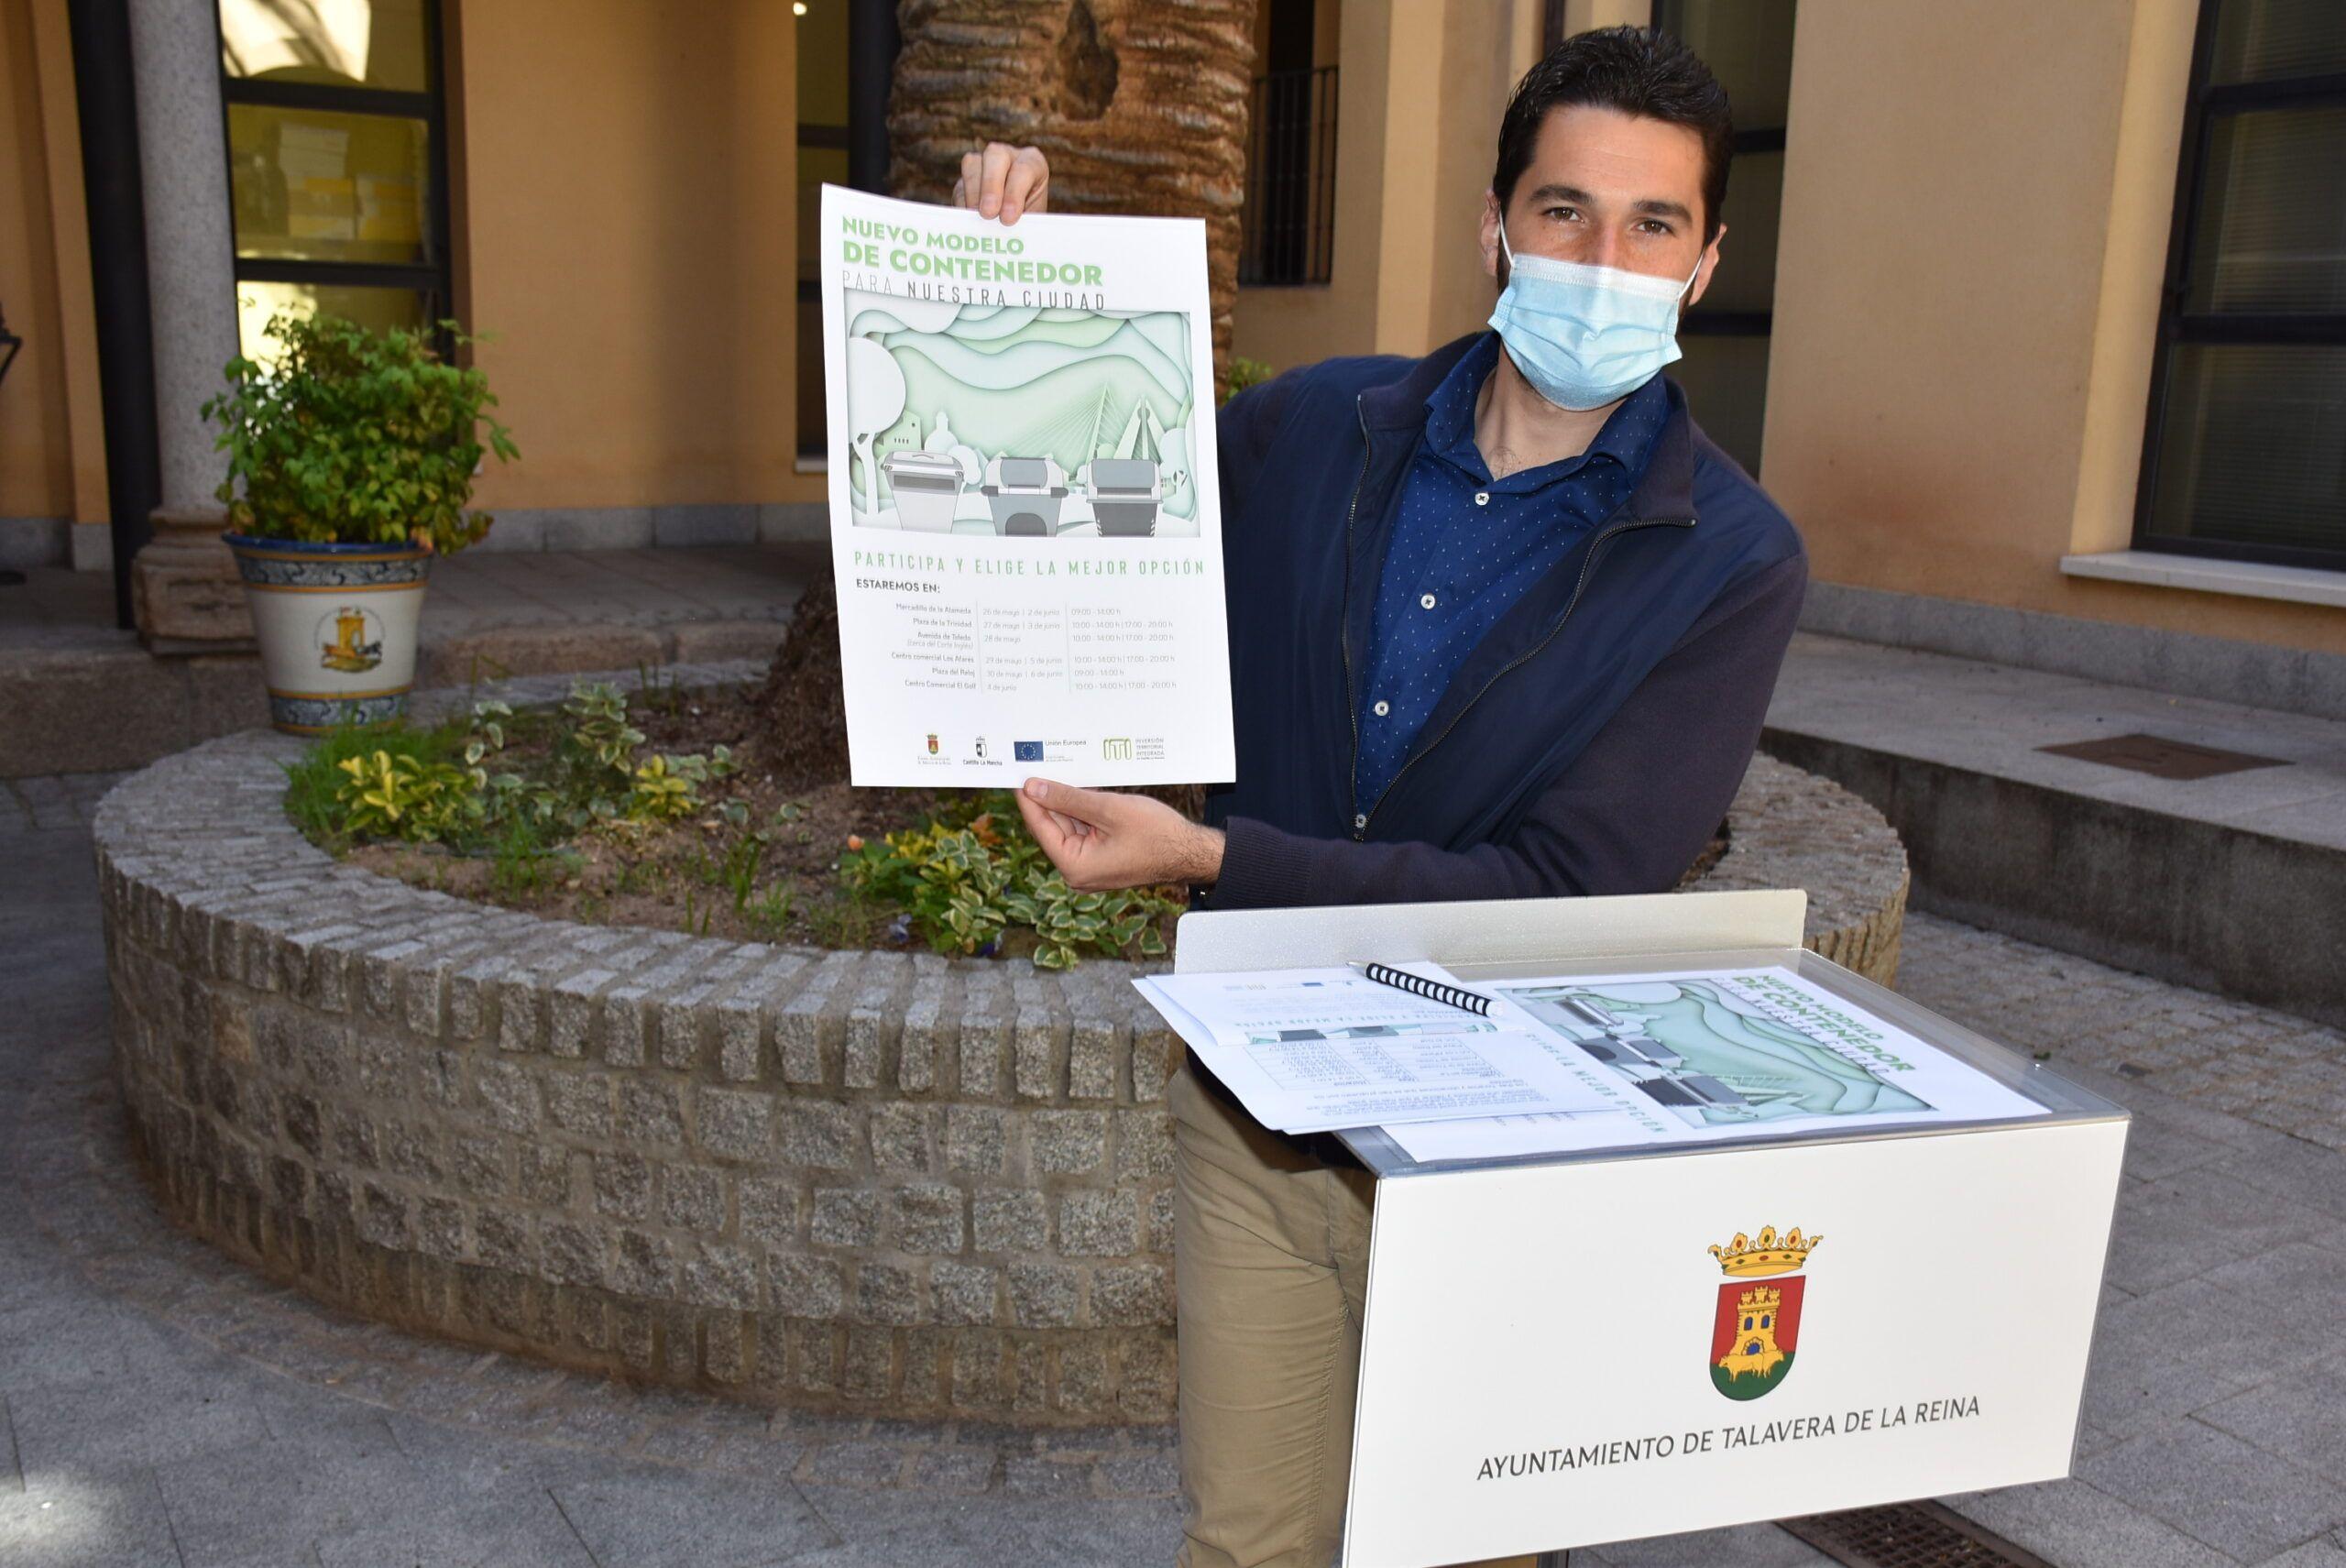 El Gobierno de Talavera implica a la ciudadanía en la elección de los nuevos contenedores, con una línea más sostenible y que da pasos hacía la economía circular